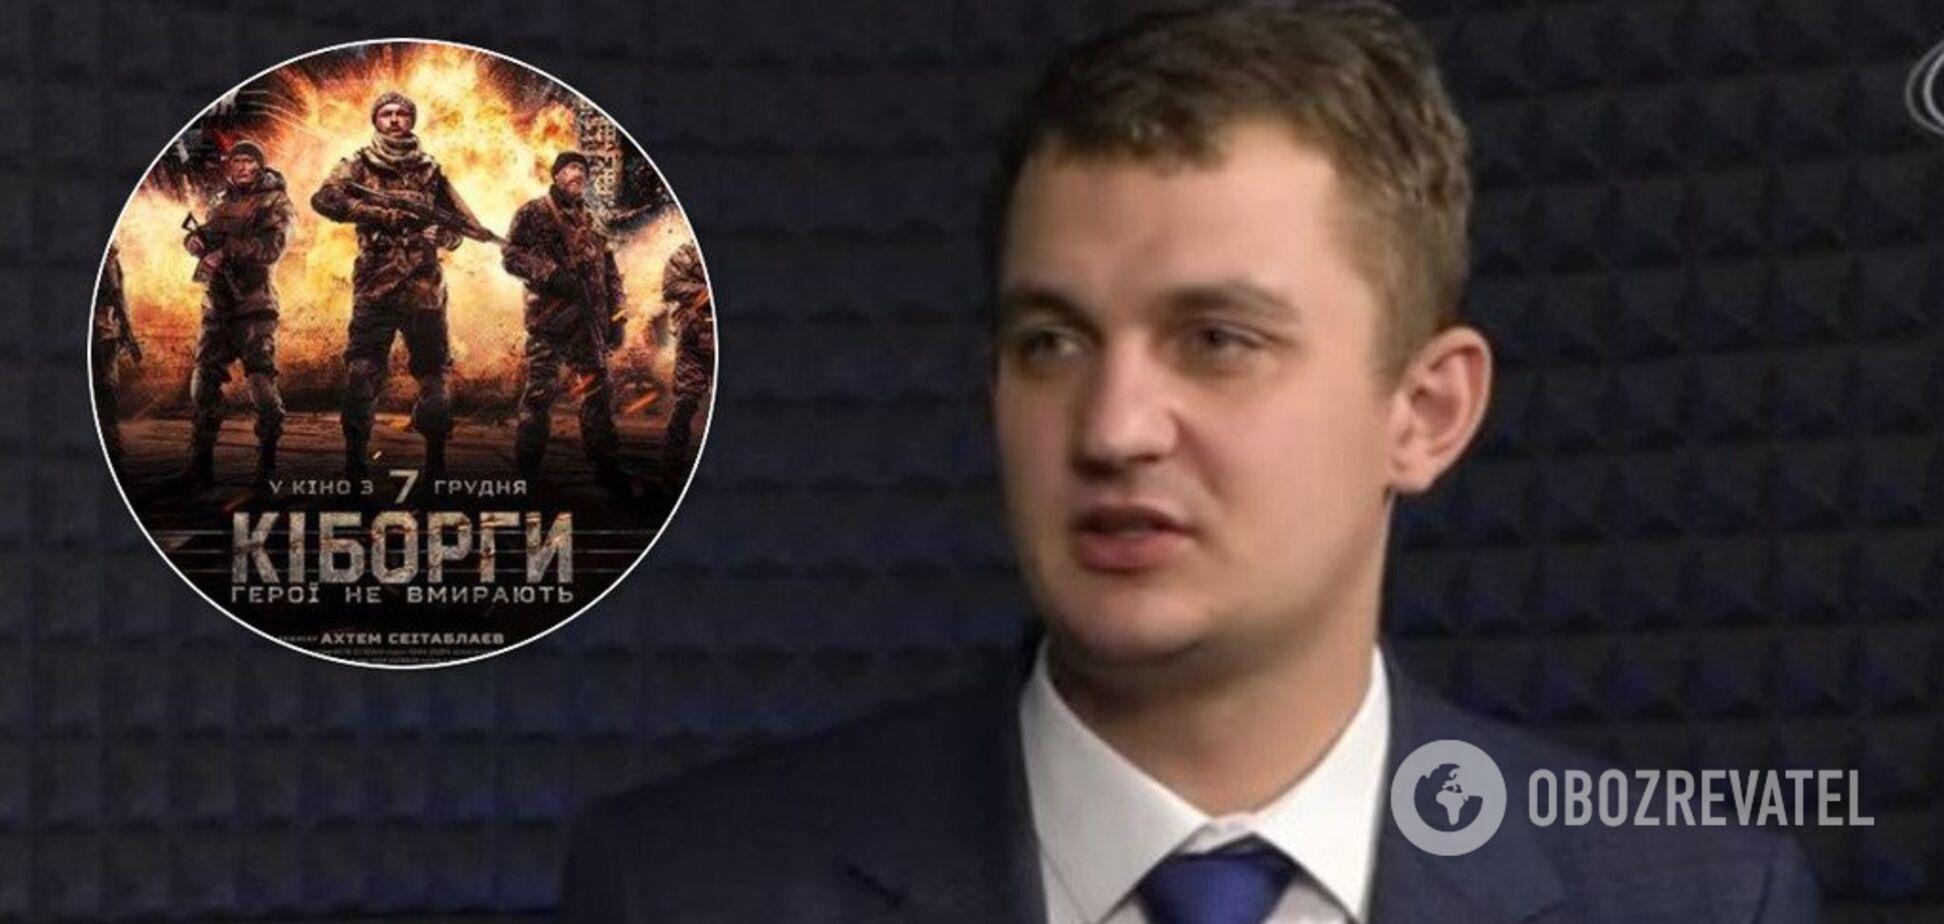 'Наш ворог не Росія': Брагар засвітився у скандалі з патріотичним кіно. Відео